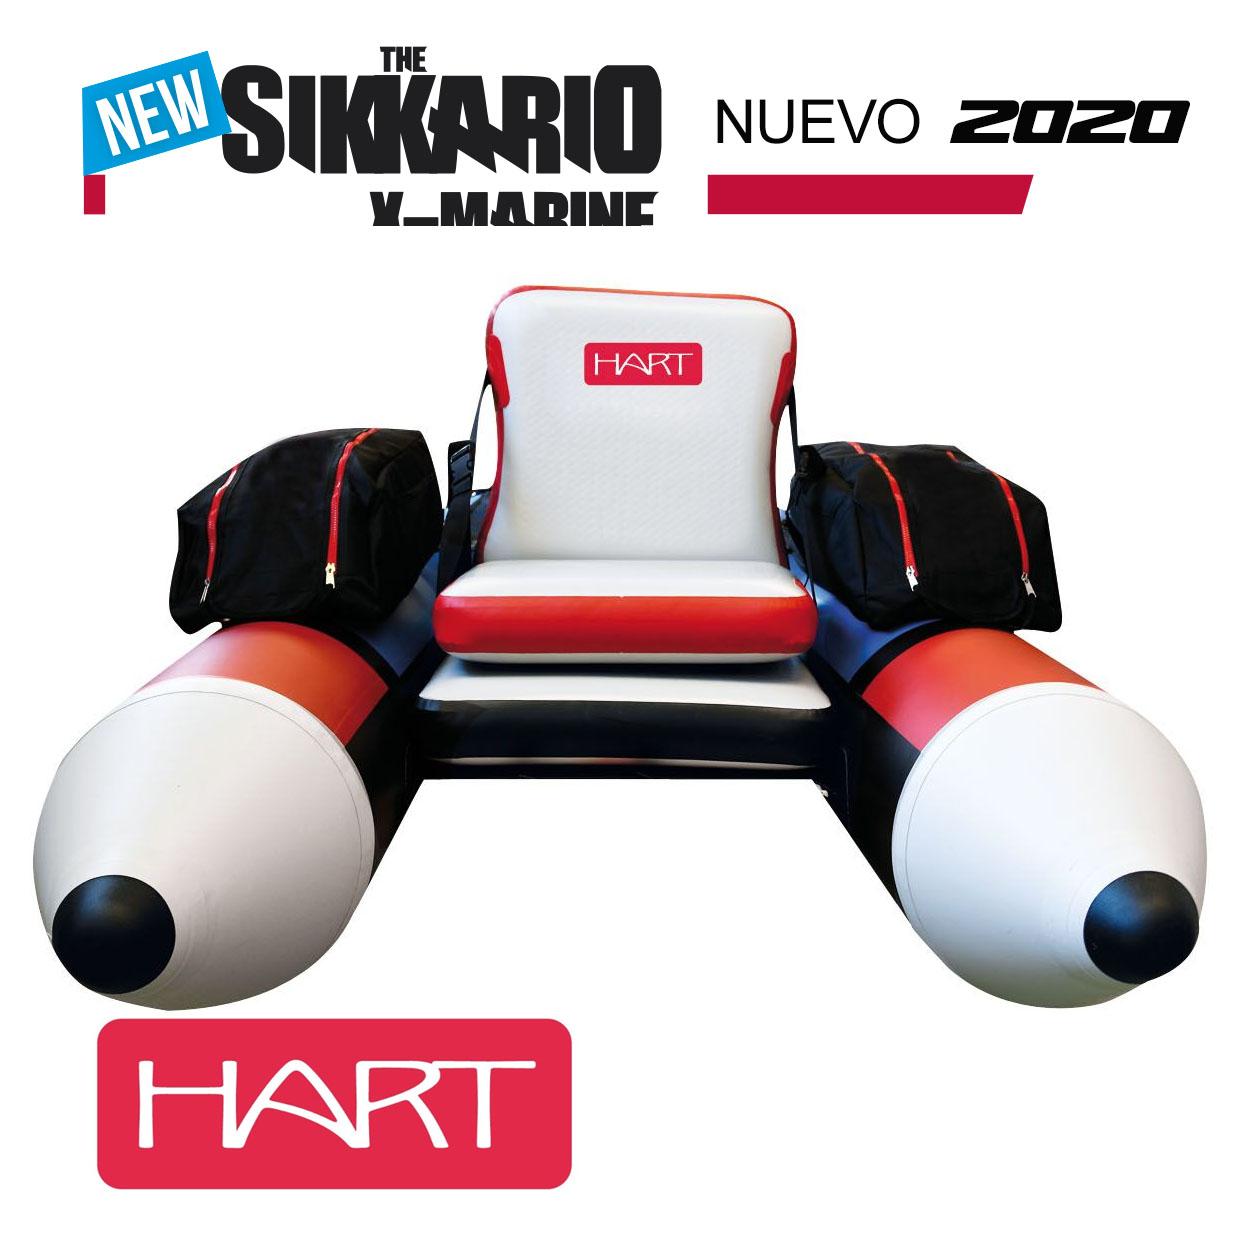 Pato Hart Sikkario X Marine